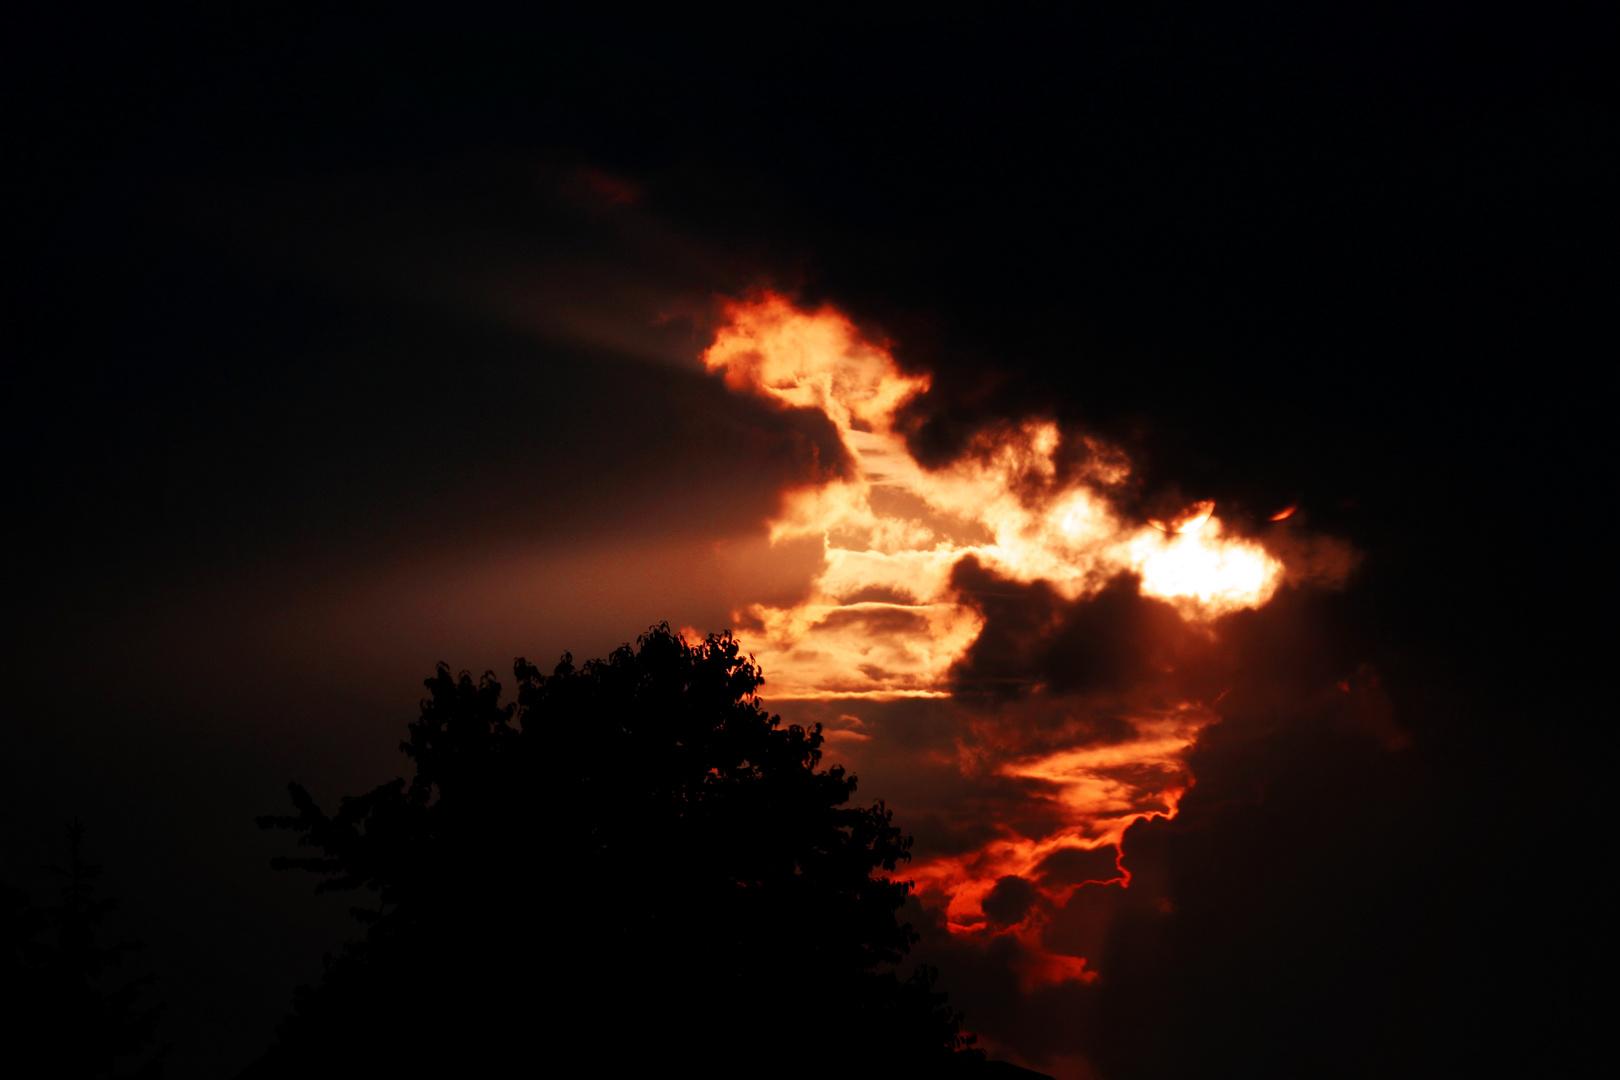 Ein brennender Sonnenuntergang